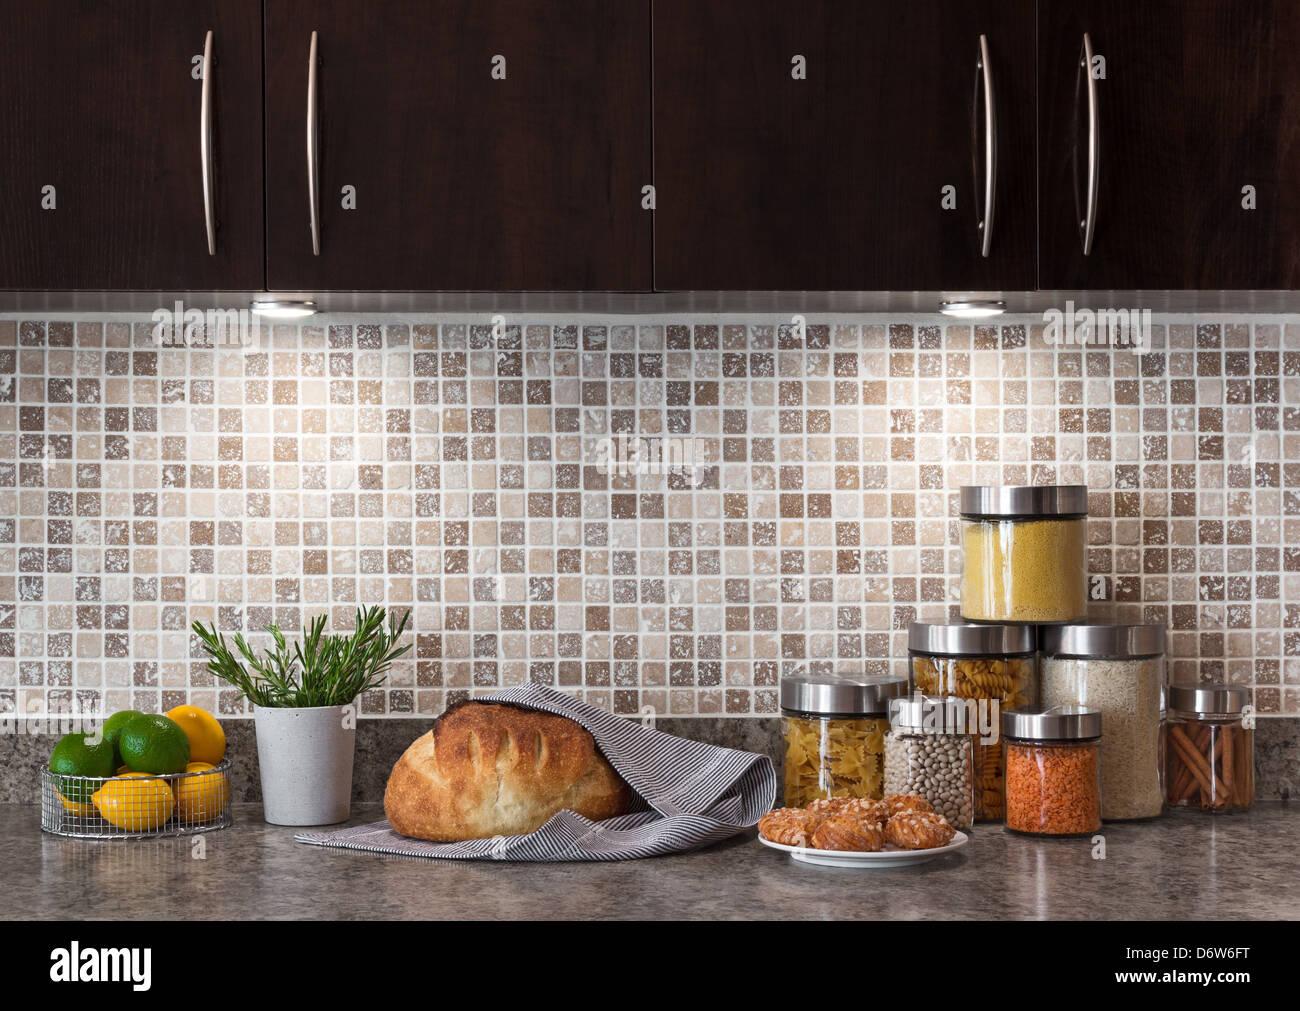 Ingredienti alimentari in una cucina contemporanea con